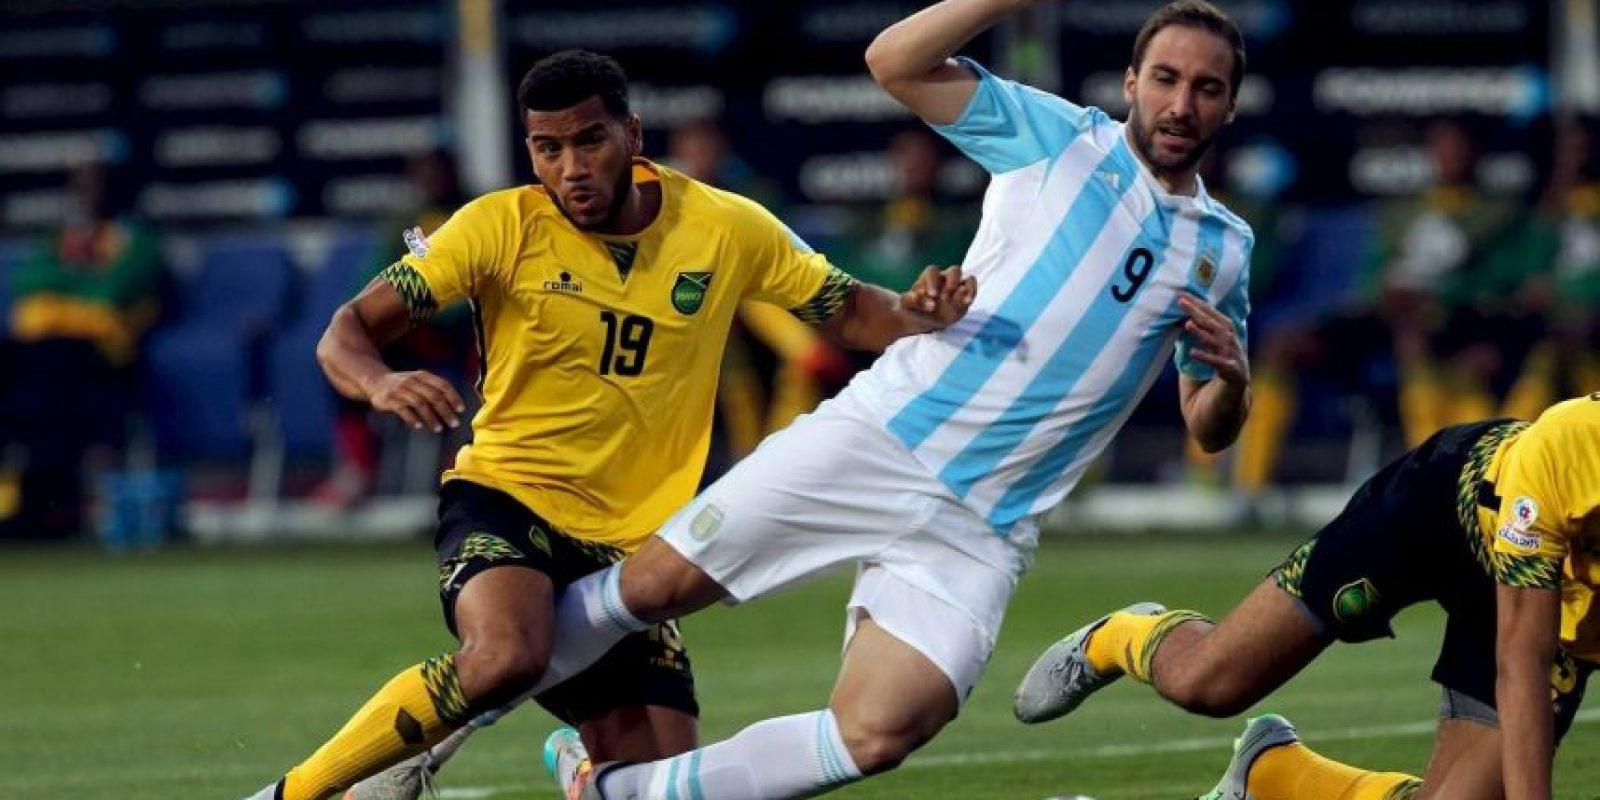 """Los """"Albicelestes"""" empataron con Uruguay 2-2 y vencieron a Jamaica y Uruguay por marcador 1-0. Foto:Vía facebook.com/AFASeleccionArgentina"""